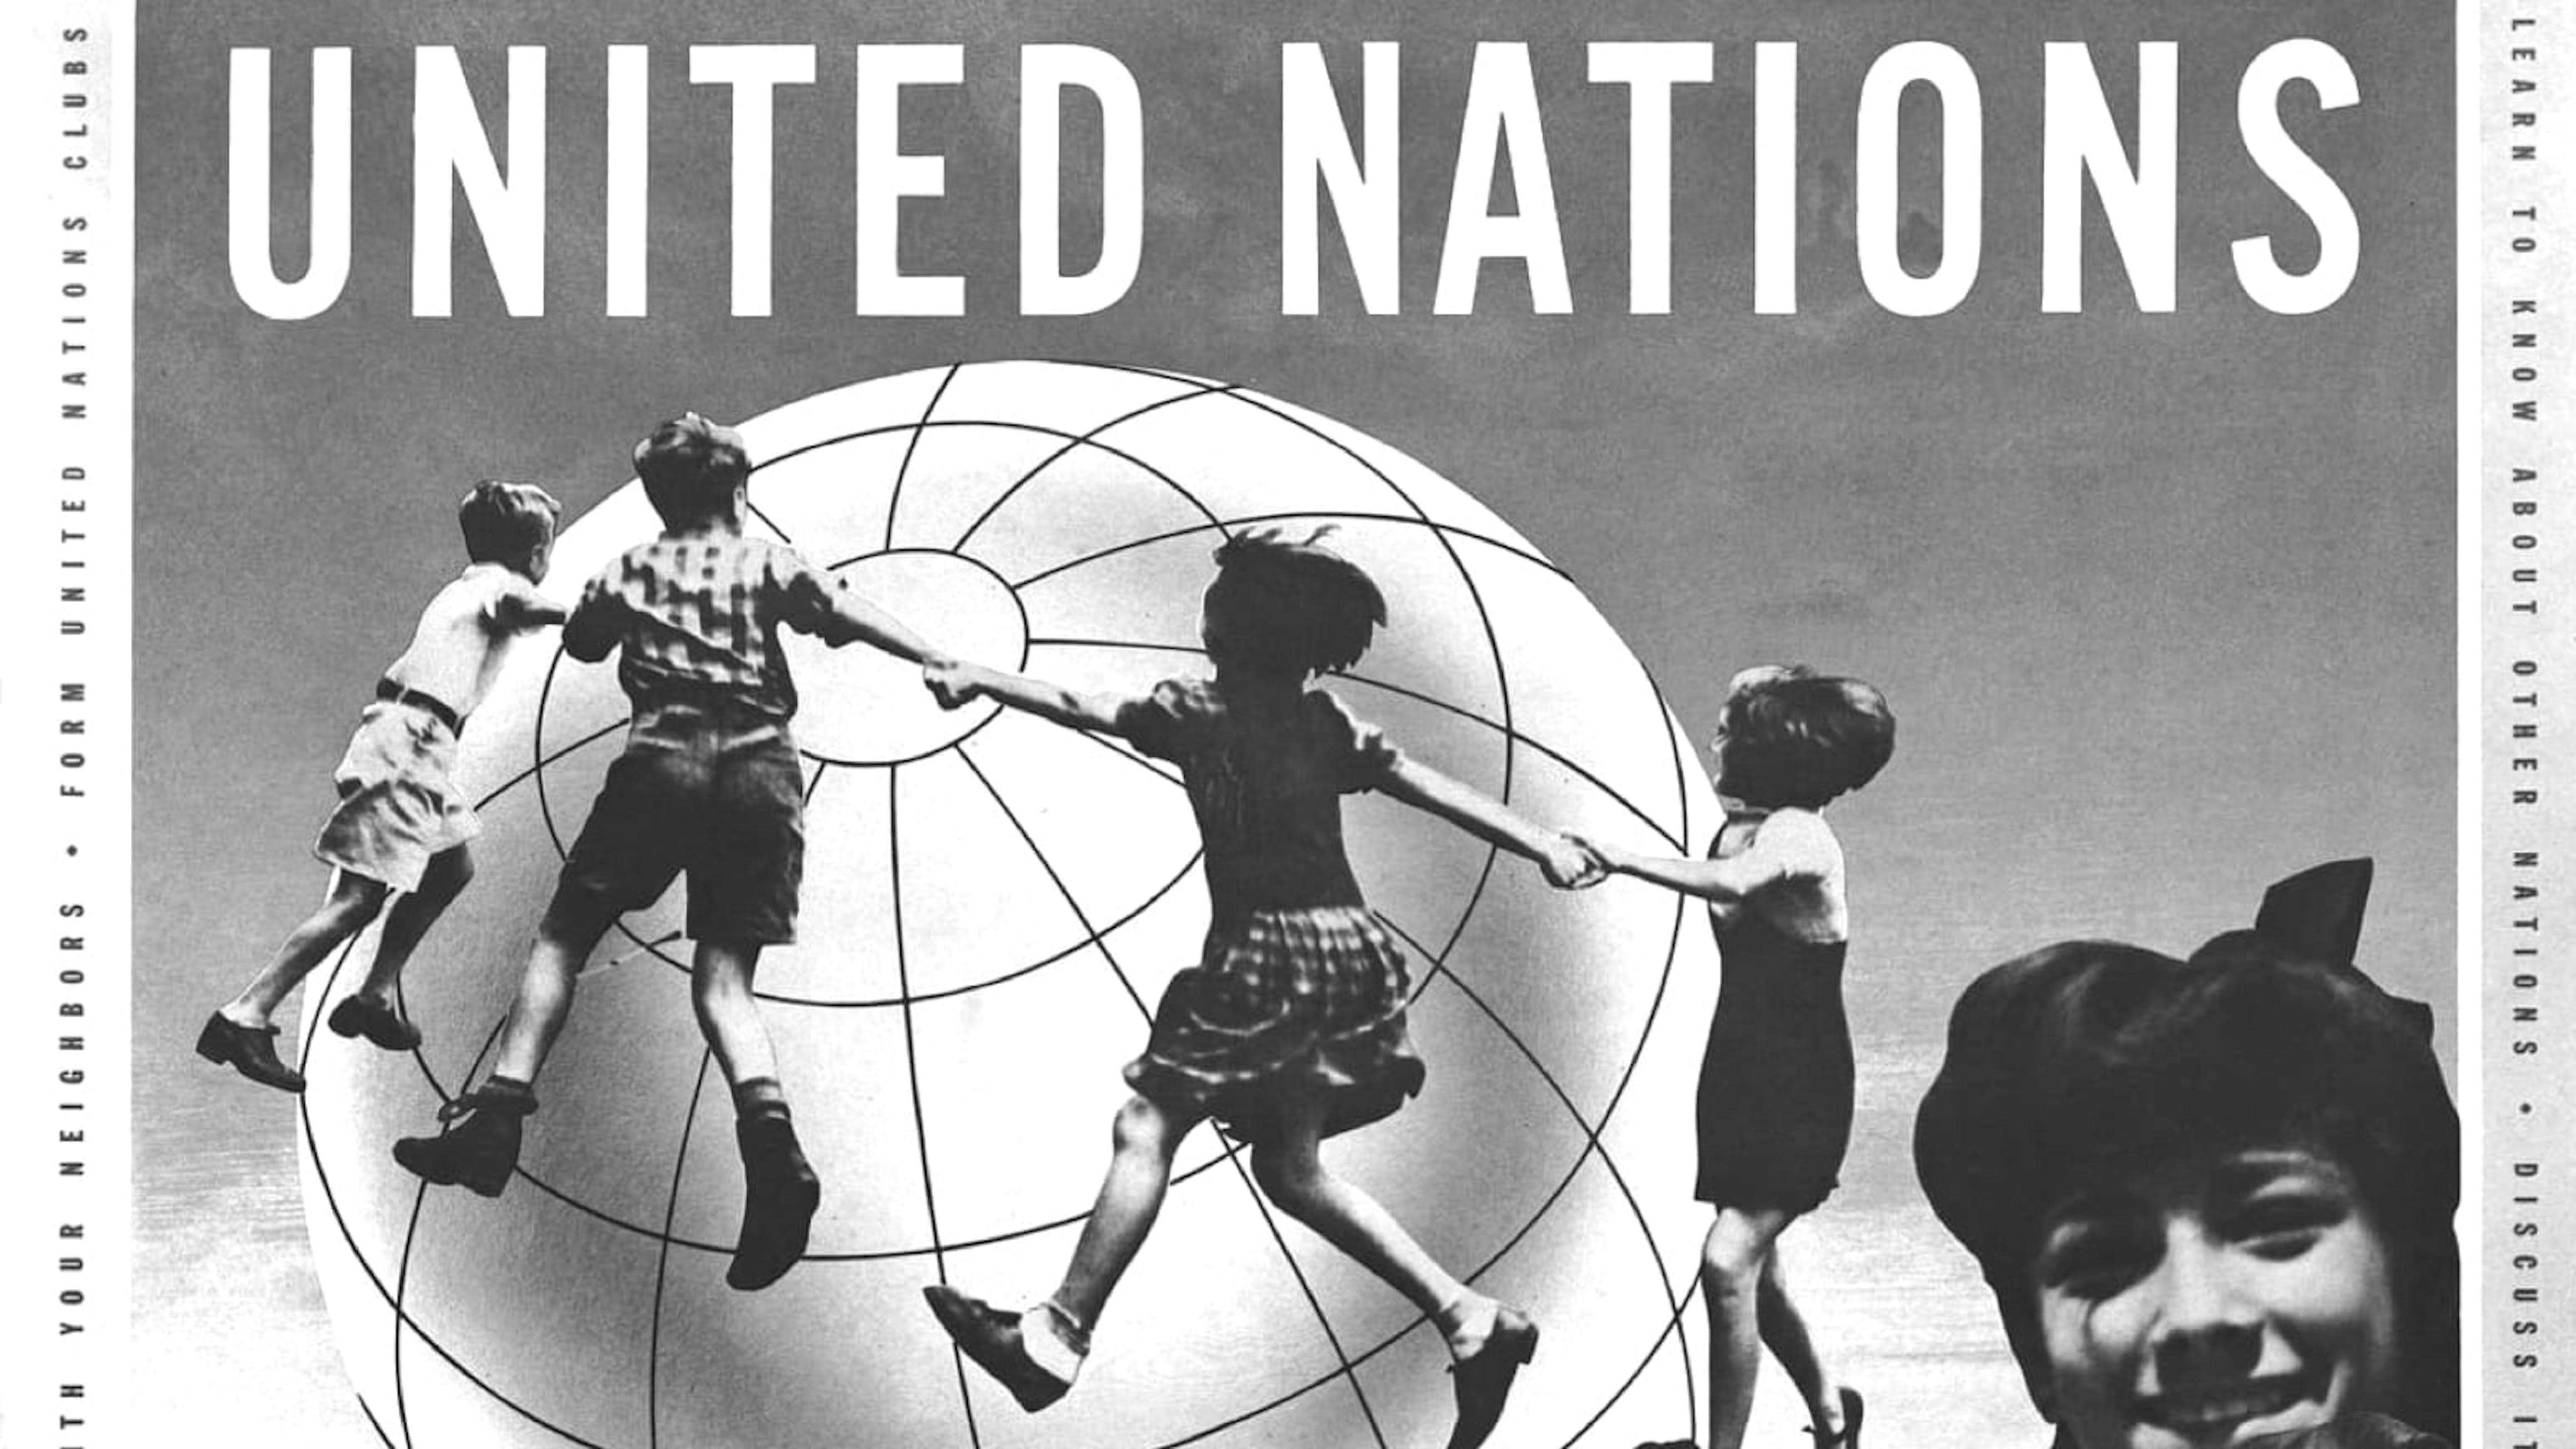 L'Assemblea Generale delle Nazioni Unite approva all'unanimità la Dichiarazione dei diritti dell'infanzia.